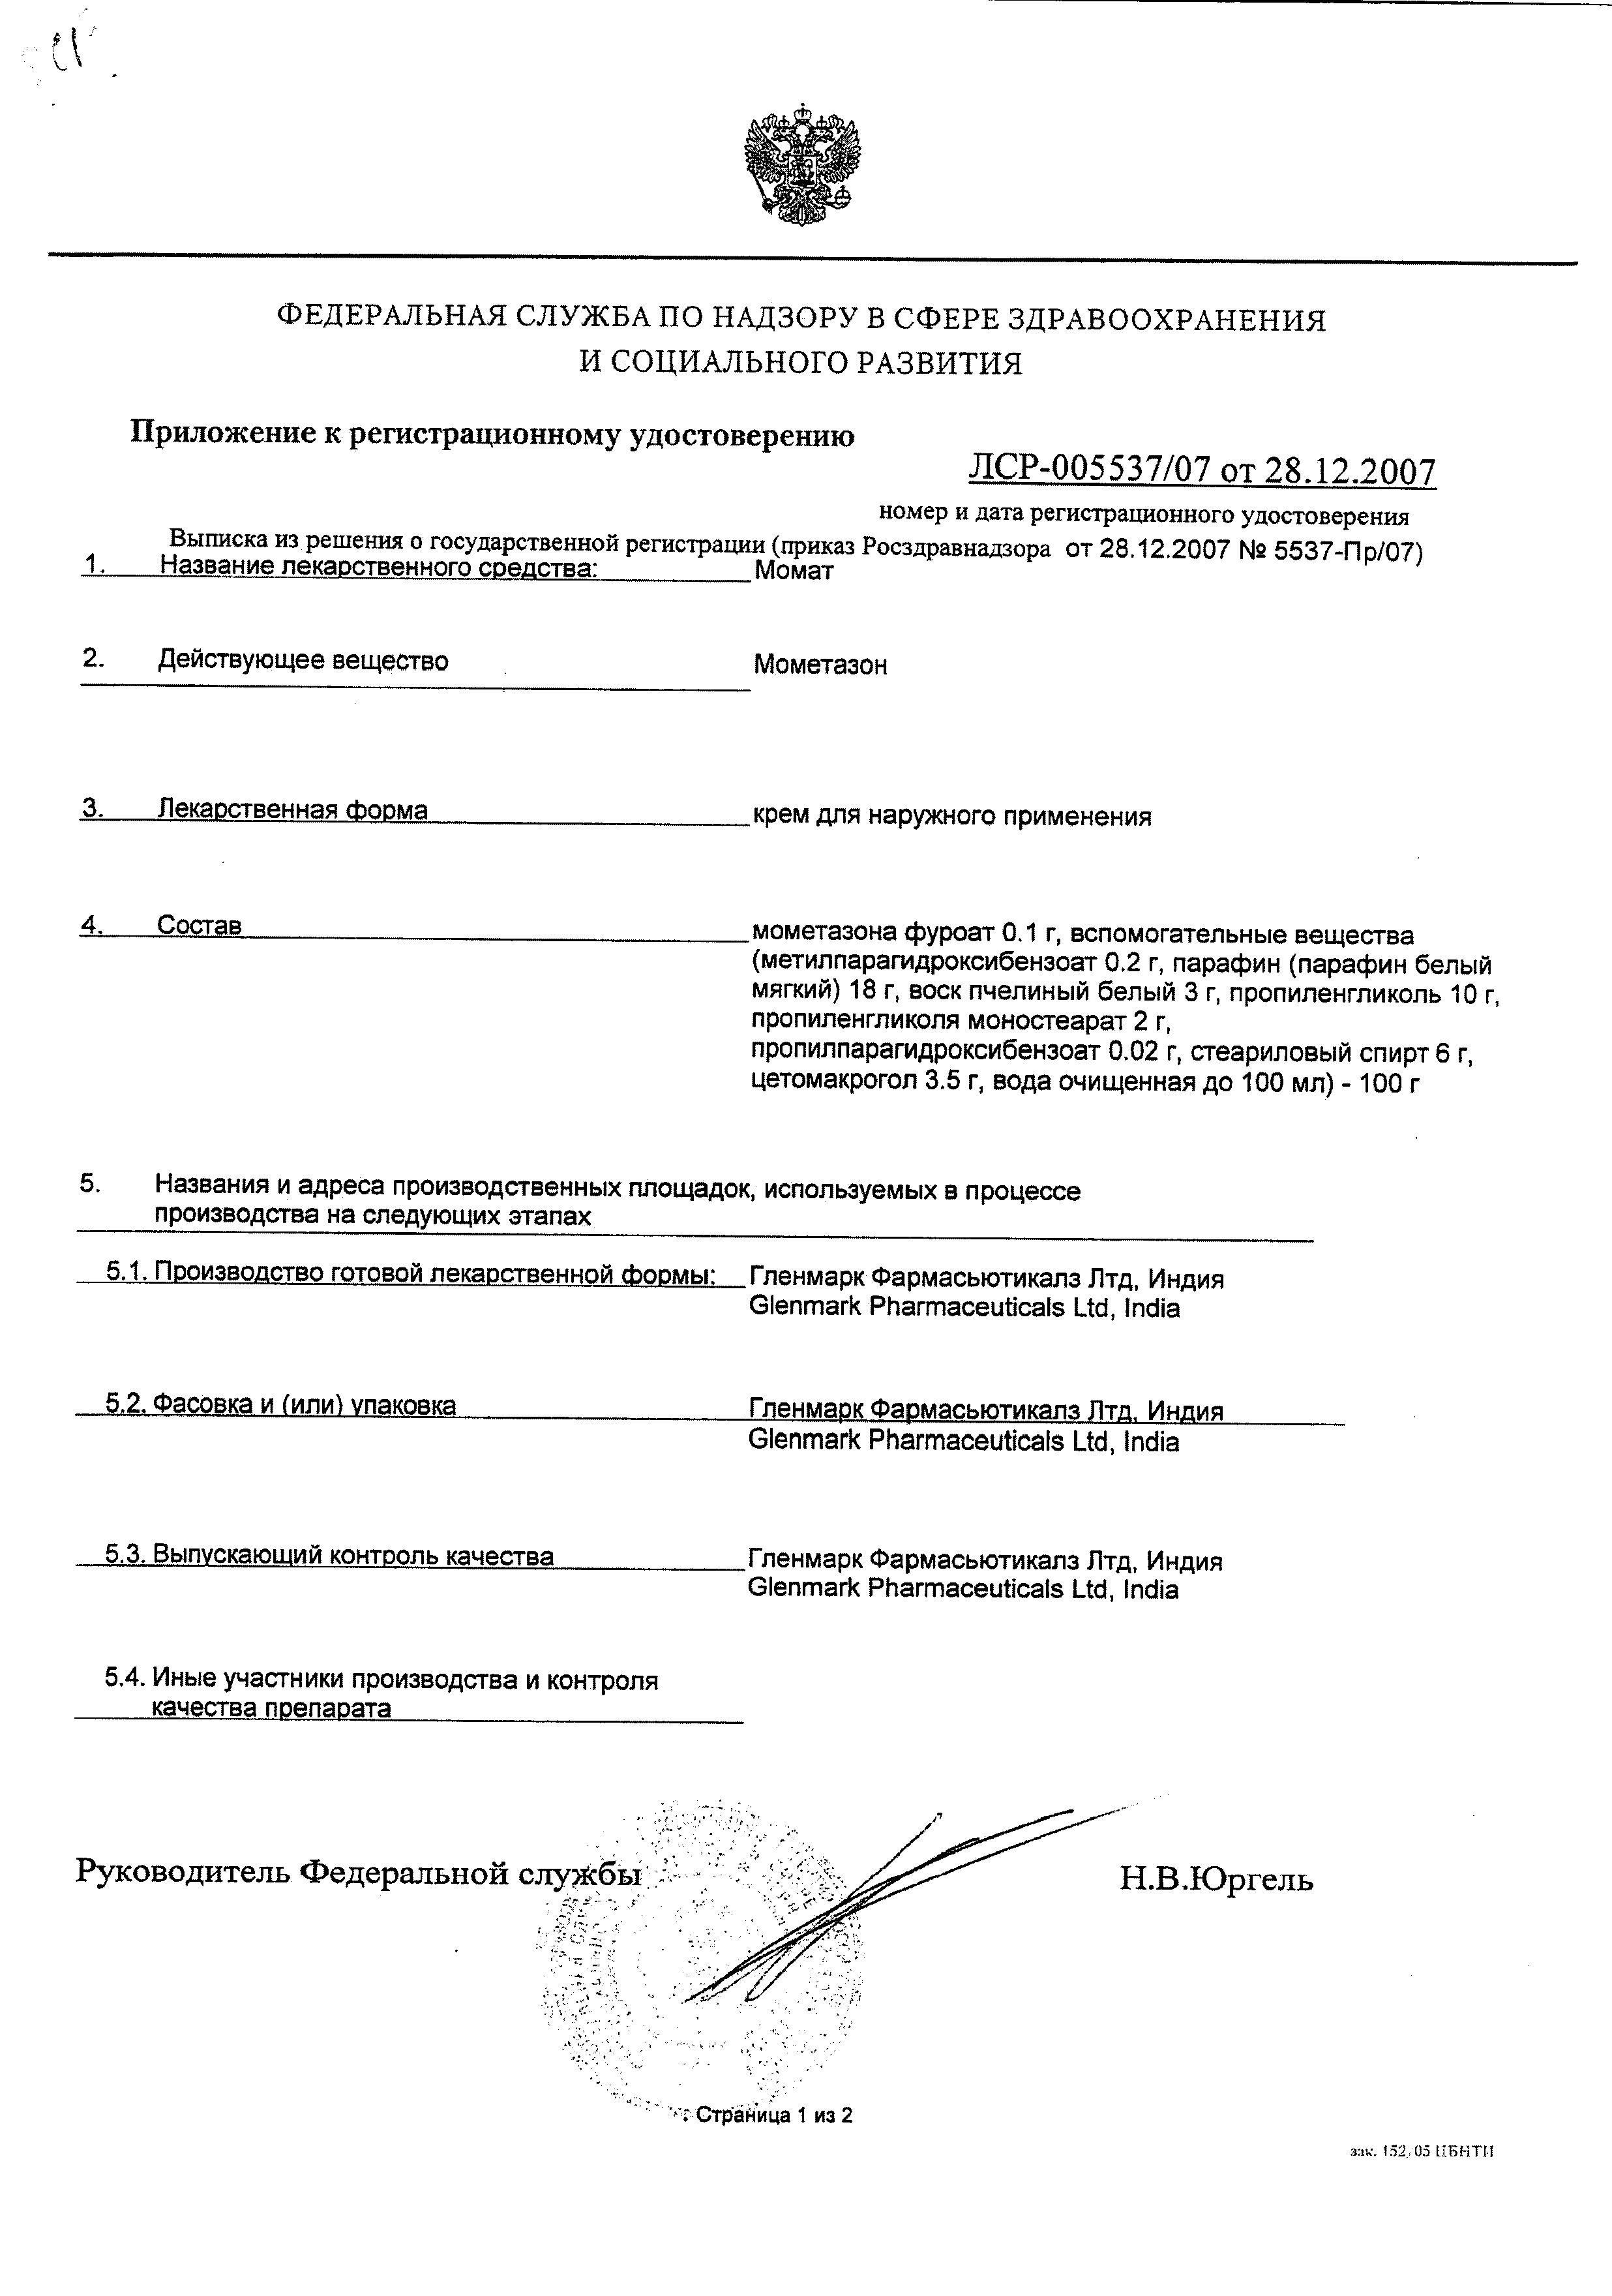 Момат сертификат